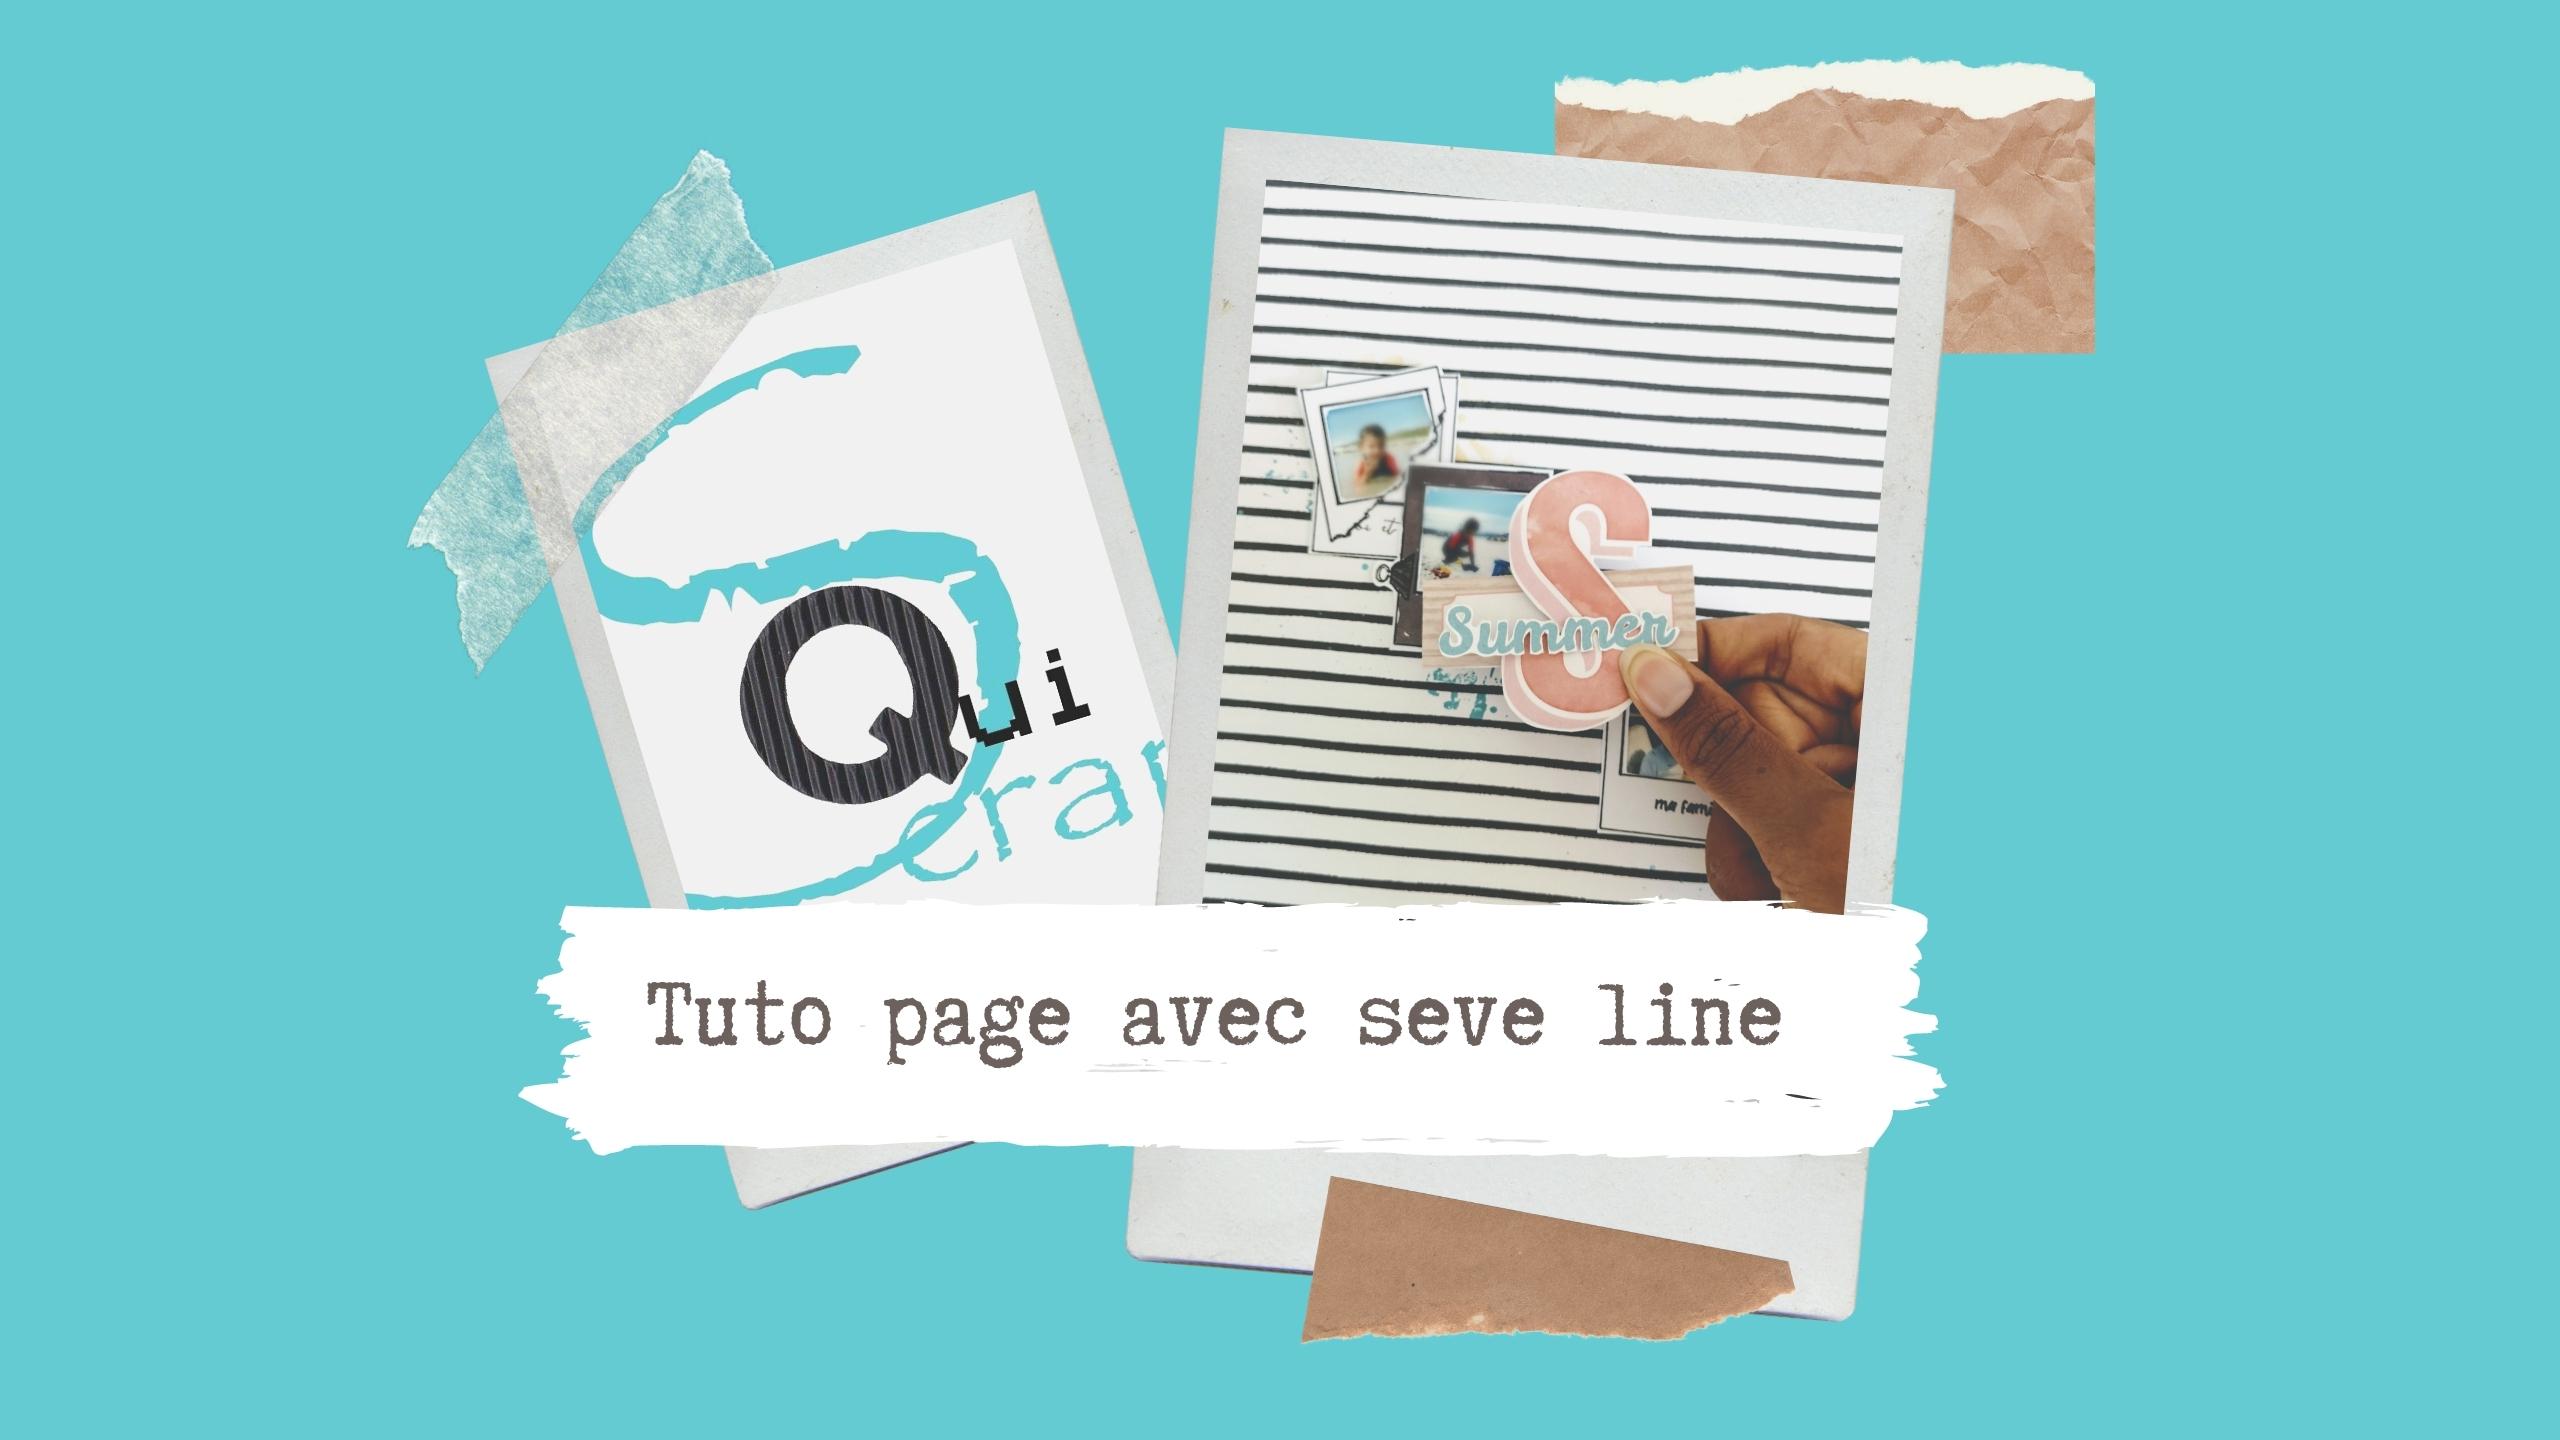 Tuto n°1 pour la Box de Septembre 2020 par Seve Line: la page